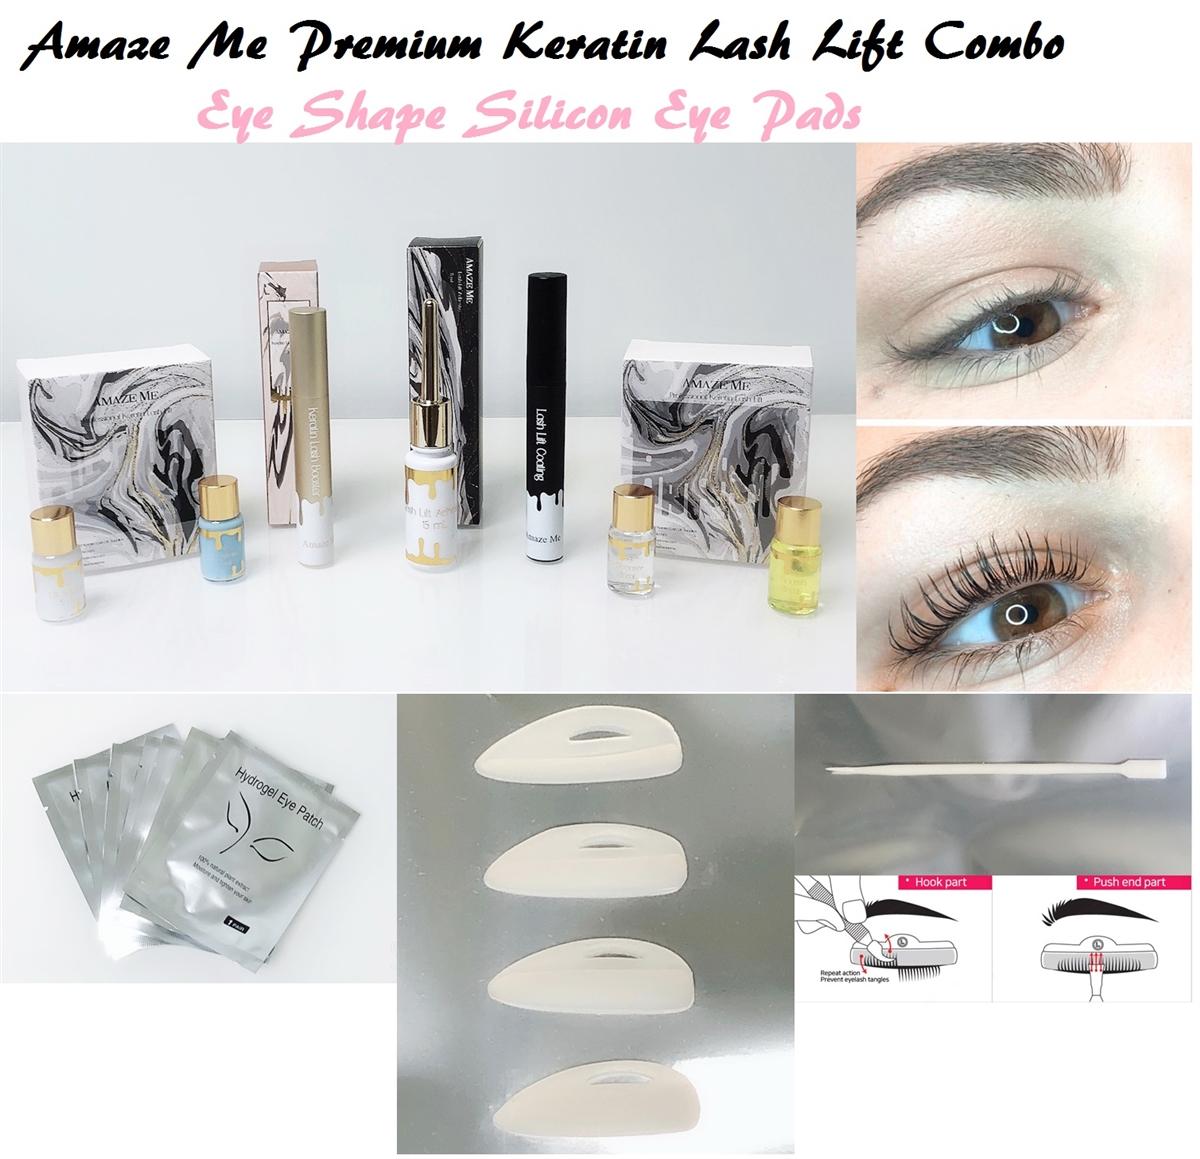 d8dd508d9f9 Combo Pack Premium keratin Lash Lift Full Kit (Eye Shape Silicon ...